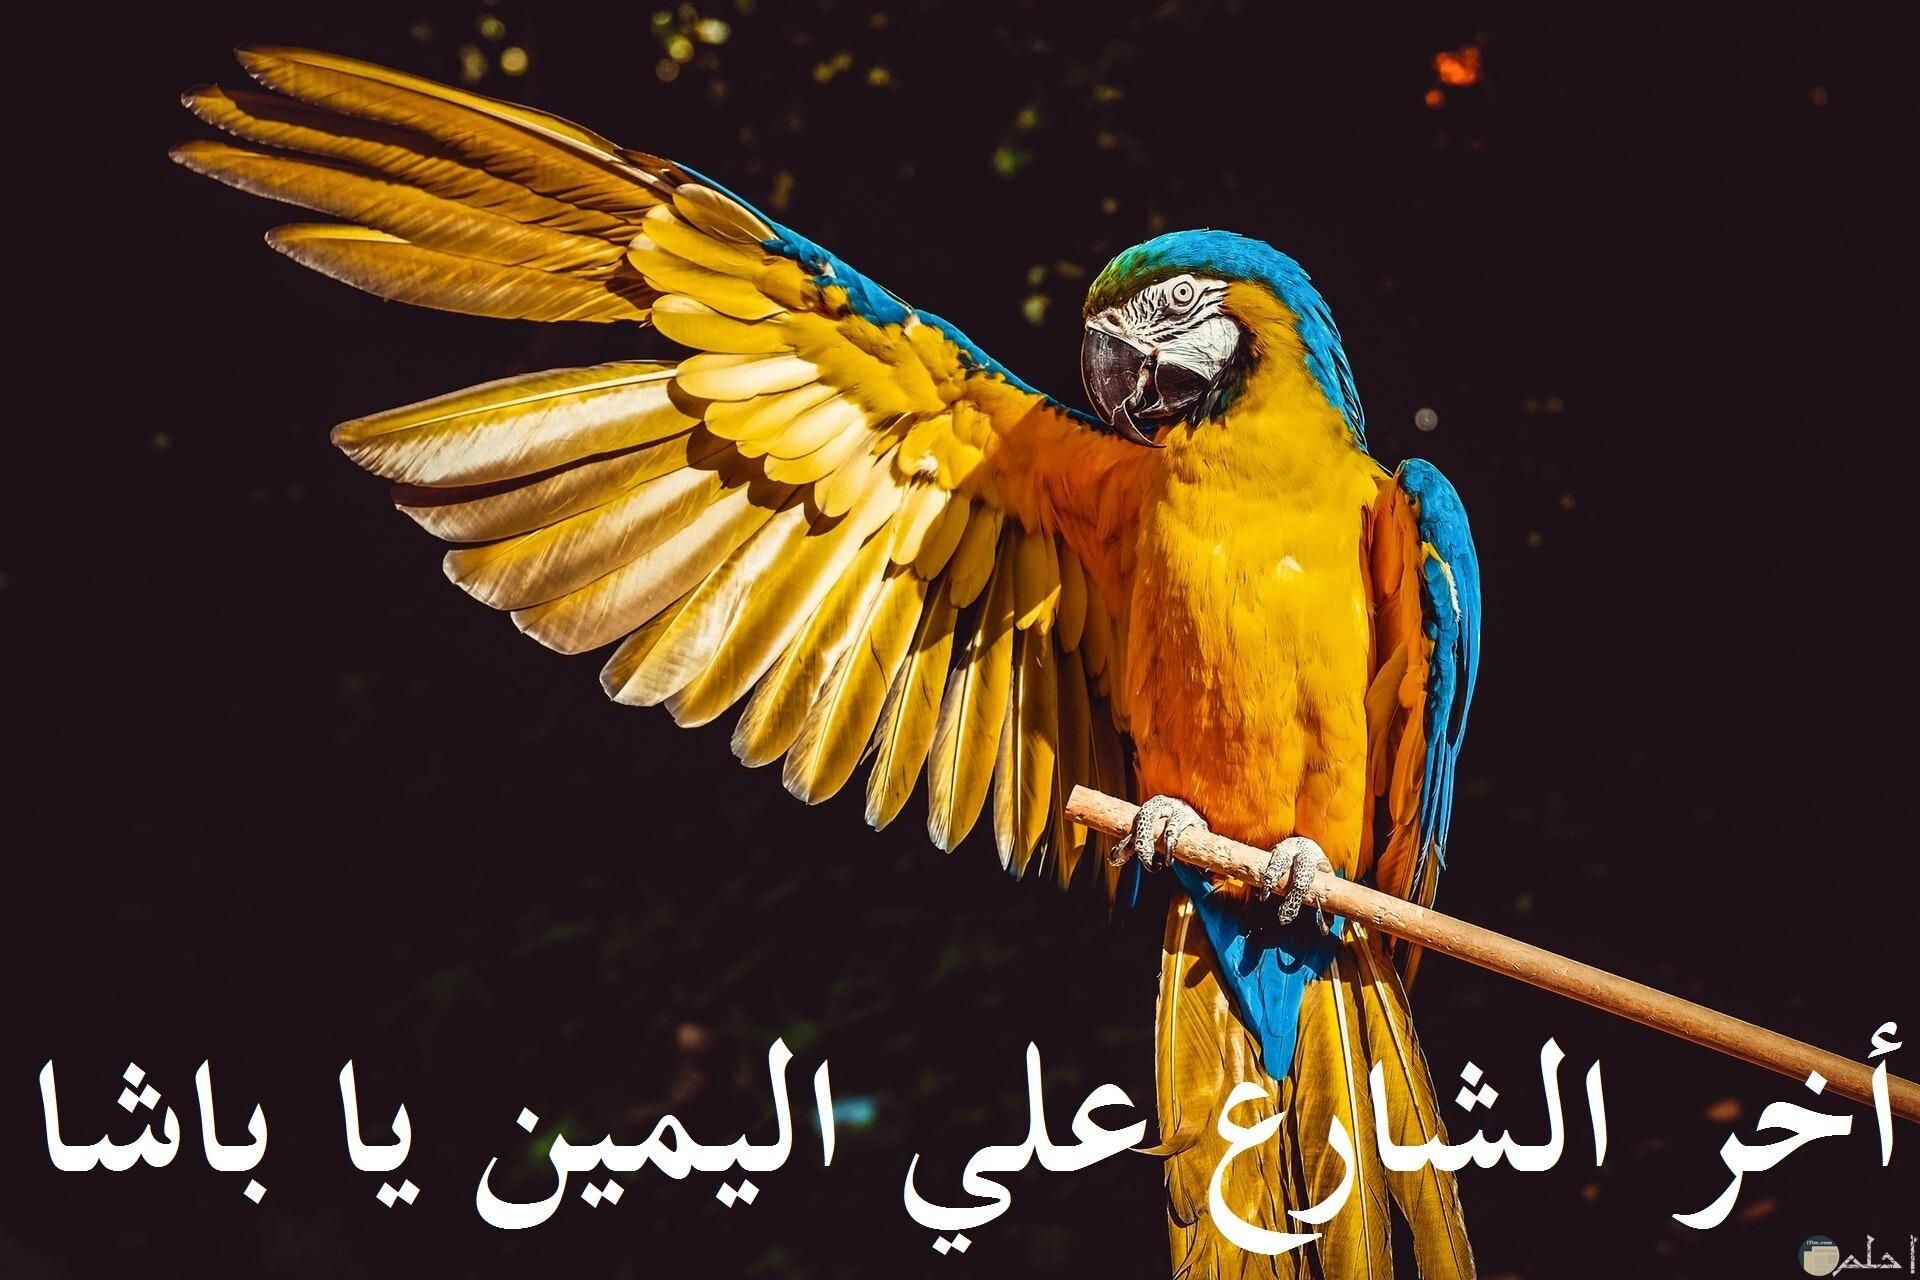 صور طائر بغباغاء مضحك مكتوب عليه...